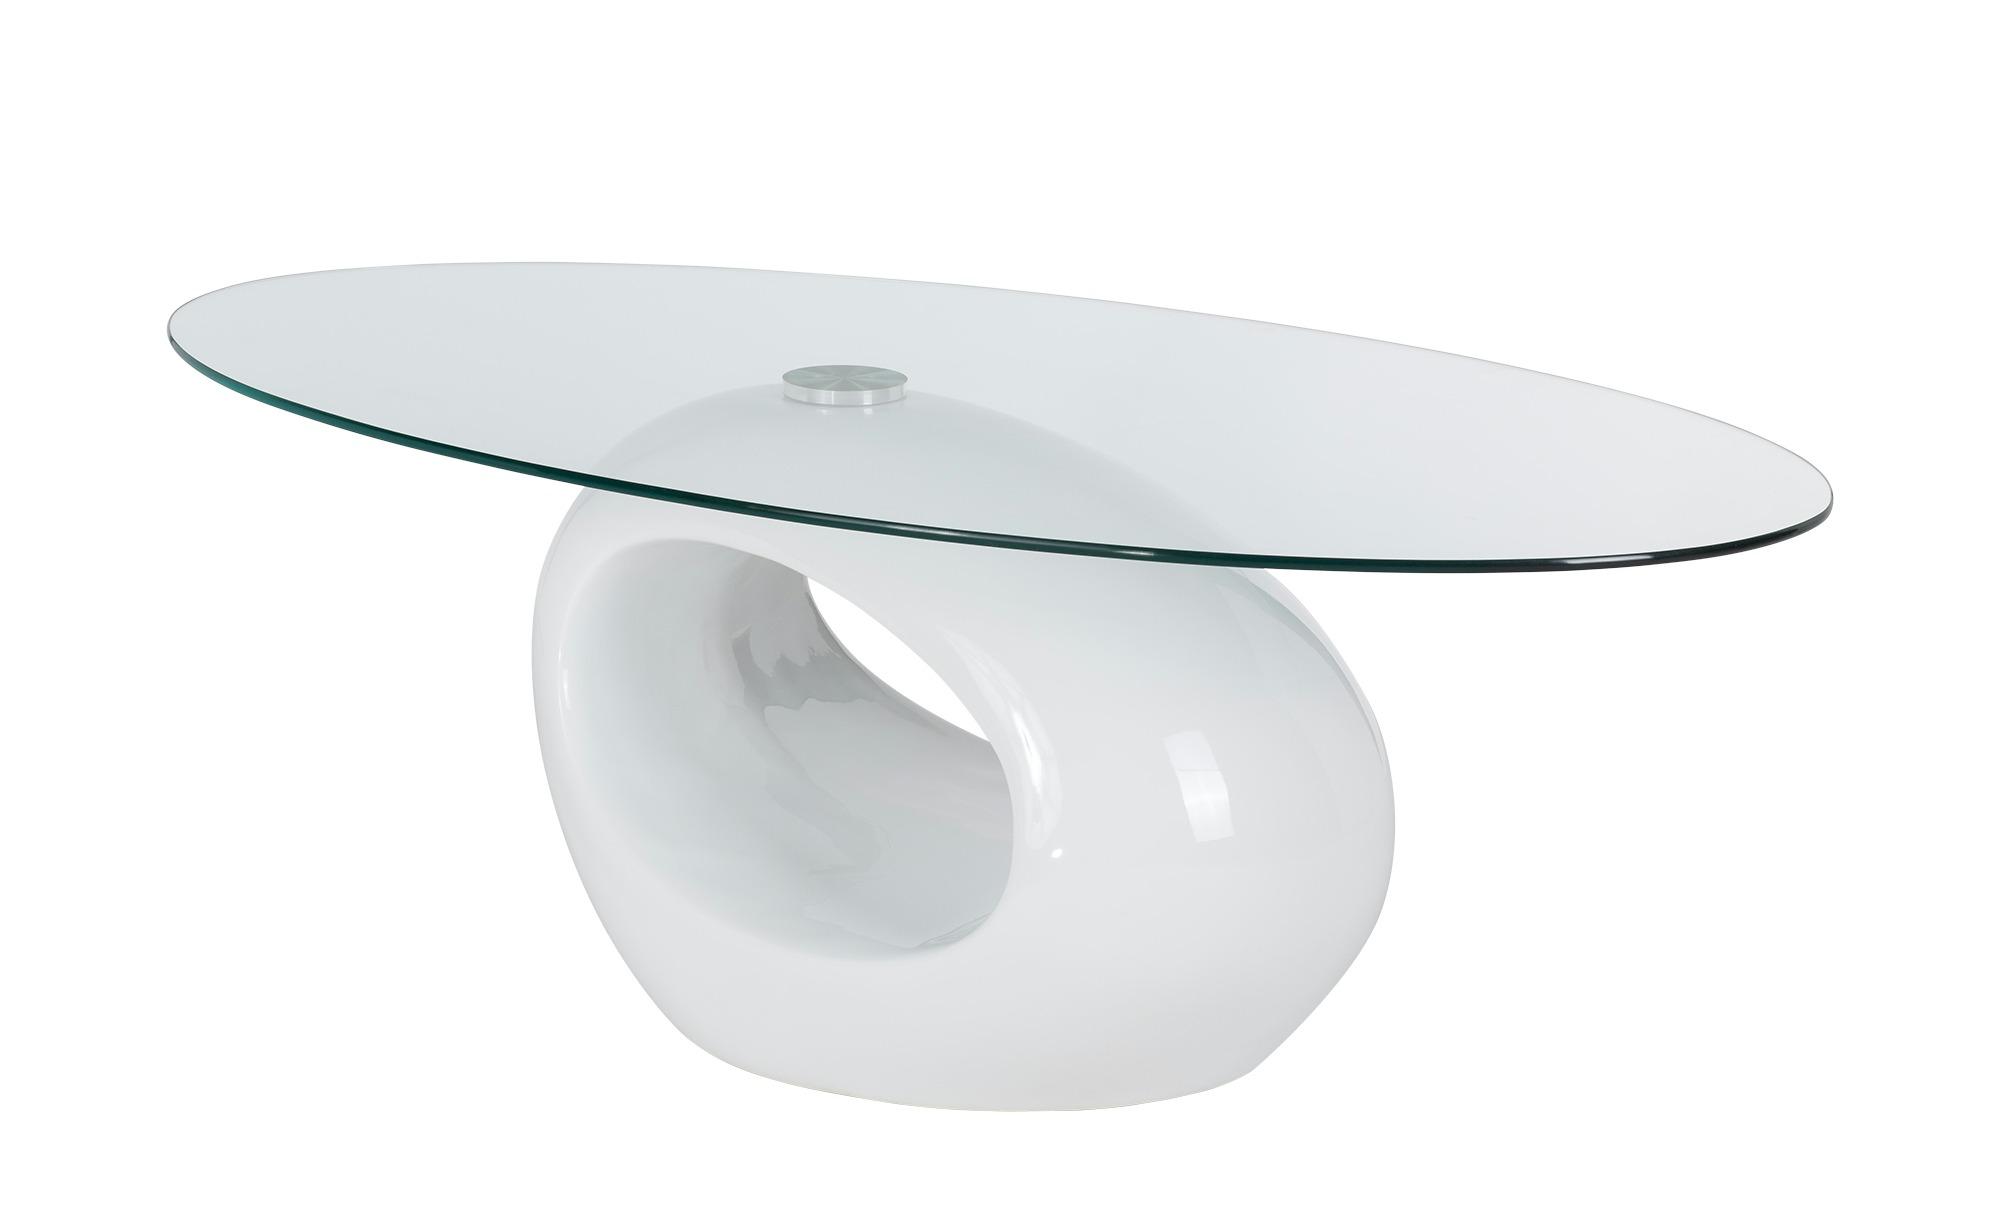 couchtisch glas oval corsica m bel h ffner. Black Bedroom Furniture Sets. Home Design Ideas